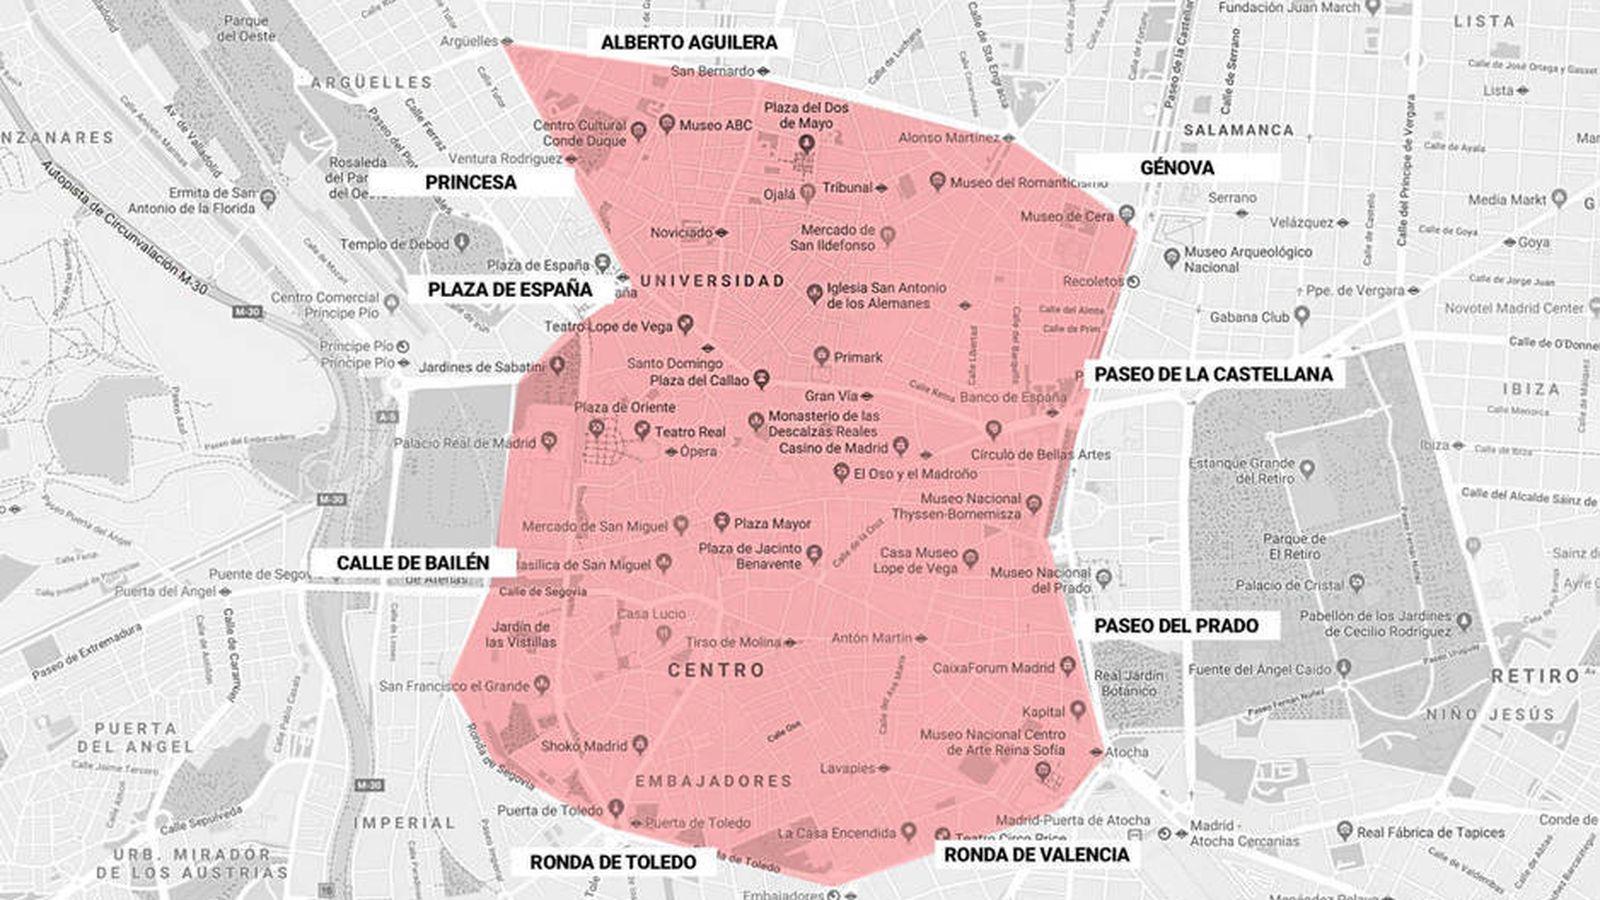 Mapa De Madrid Centro.Asi Es El Mapa De Madrid Central Consulta Por Que Calles Se